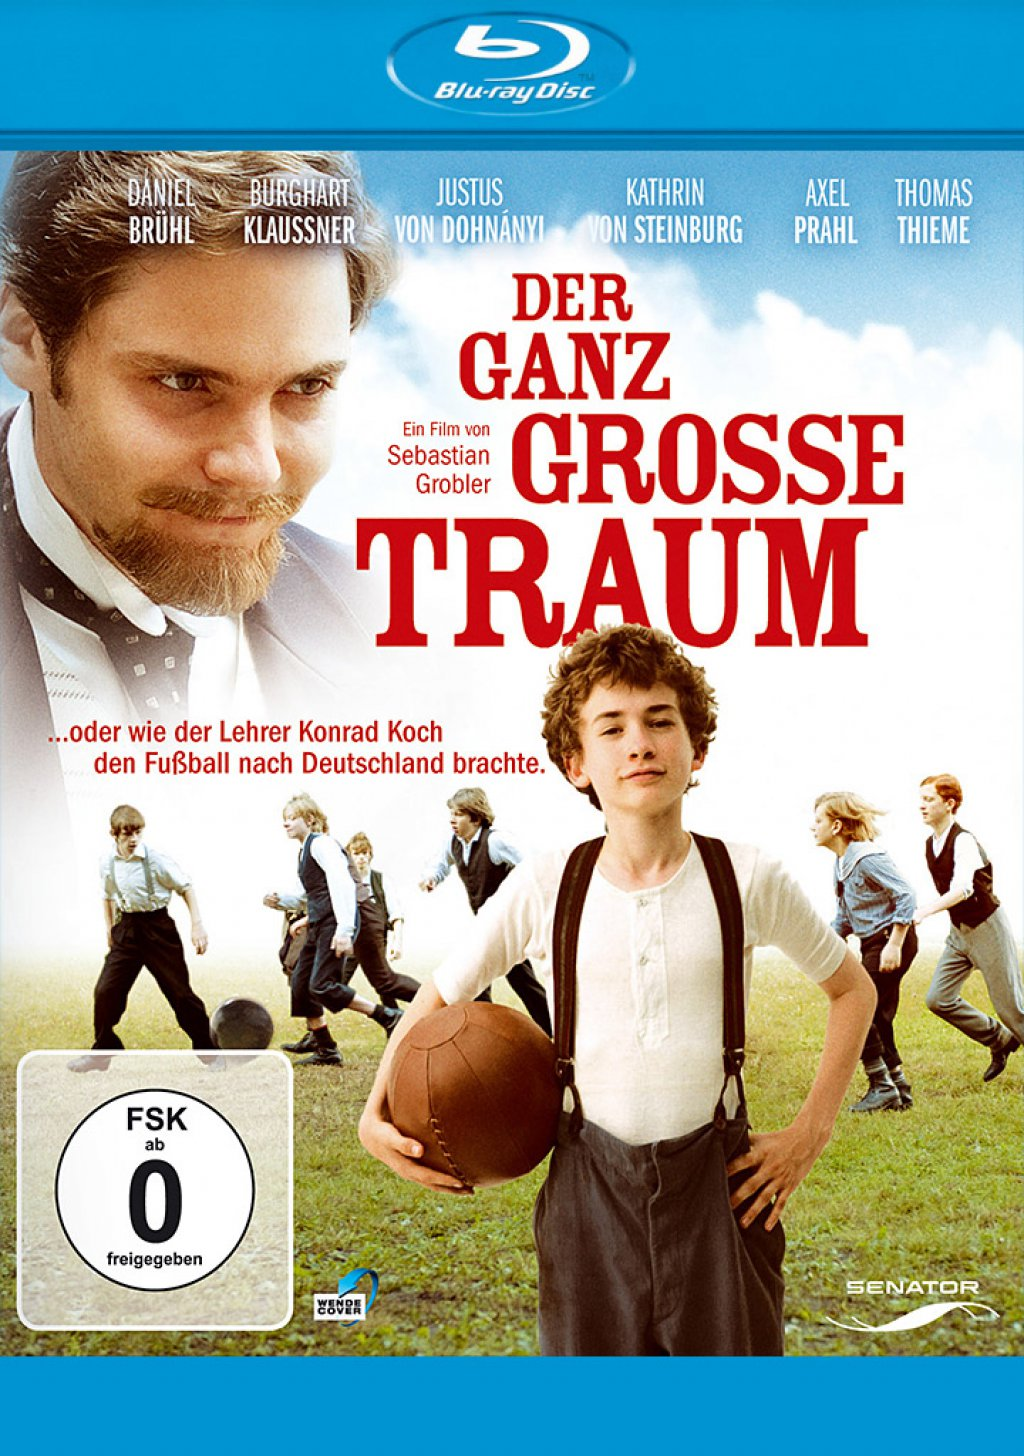 Der ganz grosse Traum (Blu-ray)